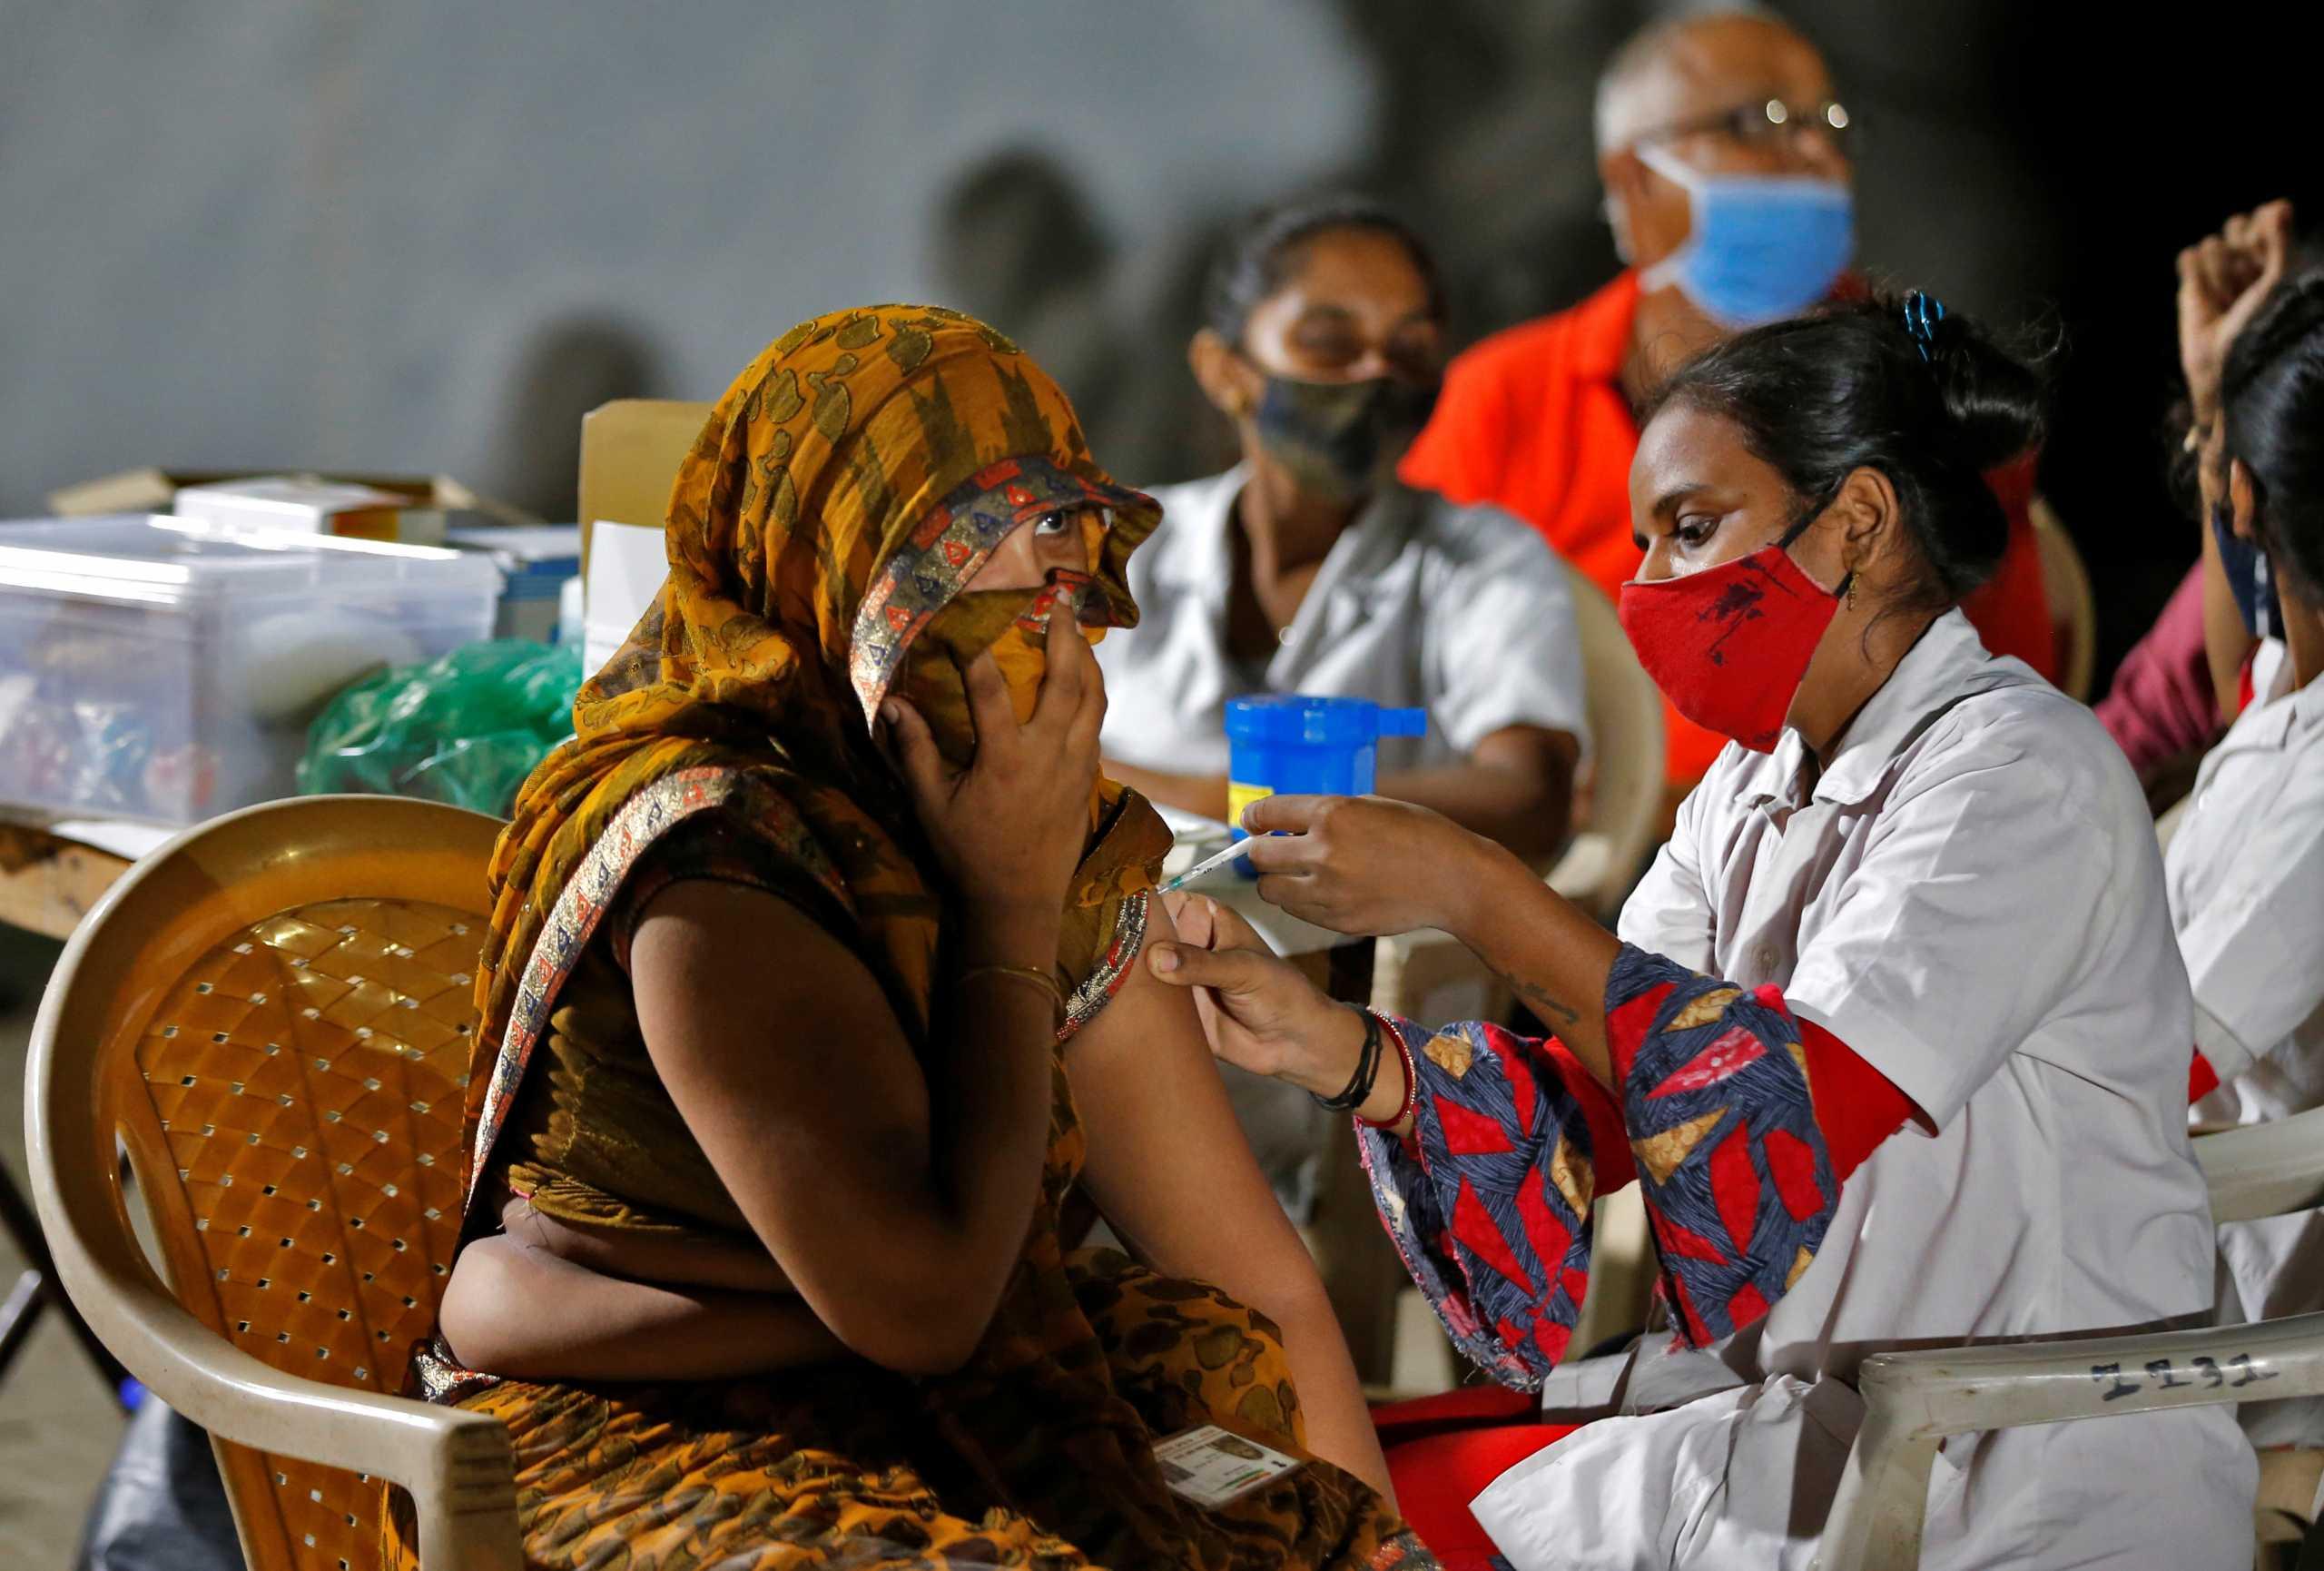 Ινδία: 25.166 κρούσματα κορονοϊού το τελευταίο 24ωρο